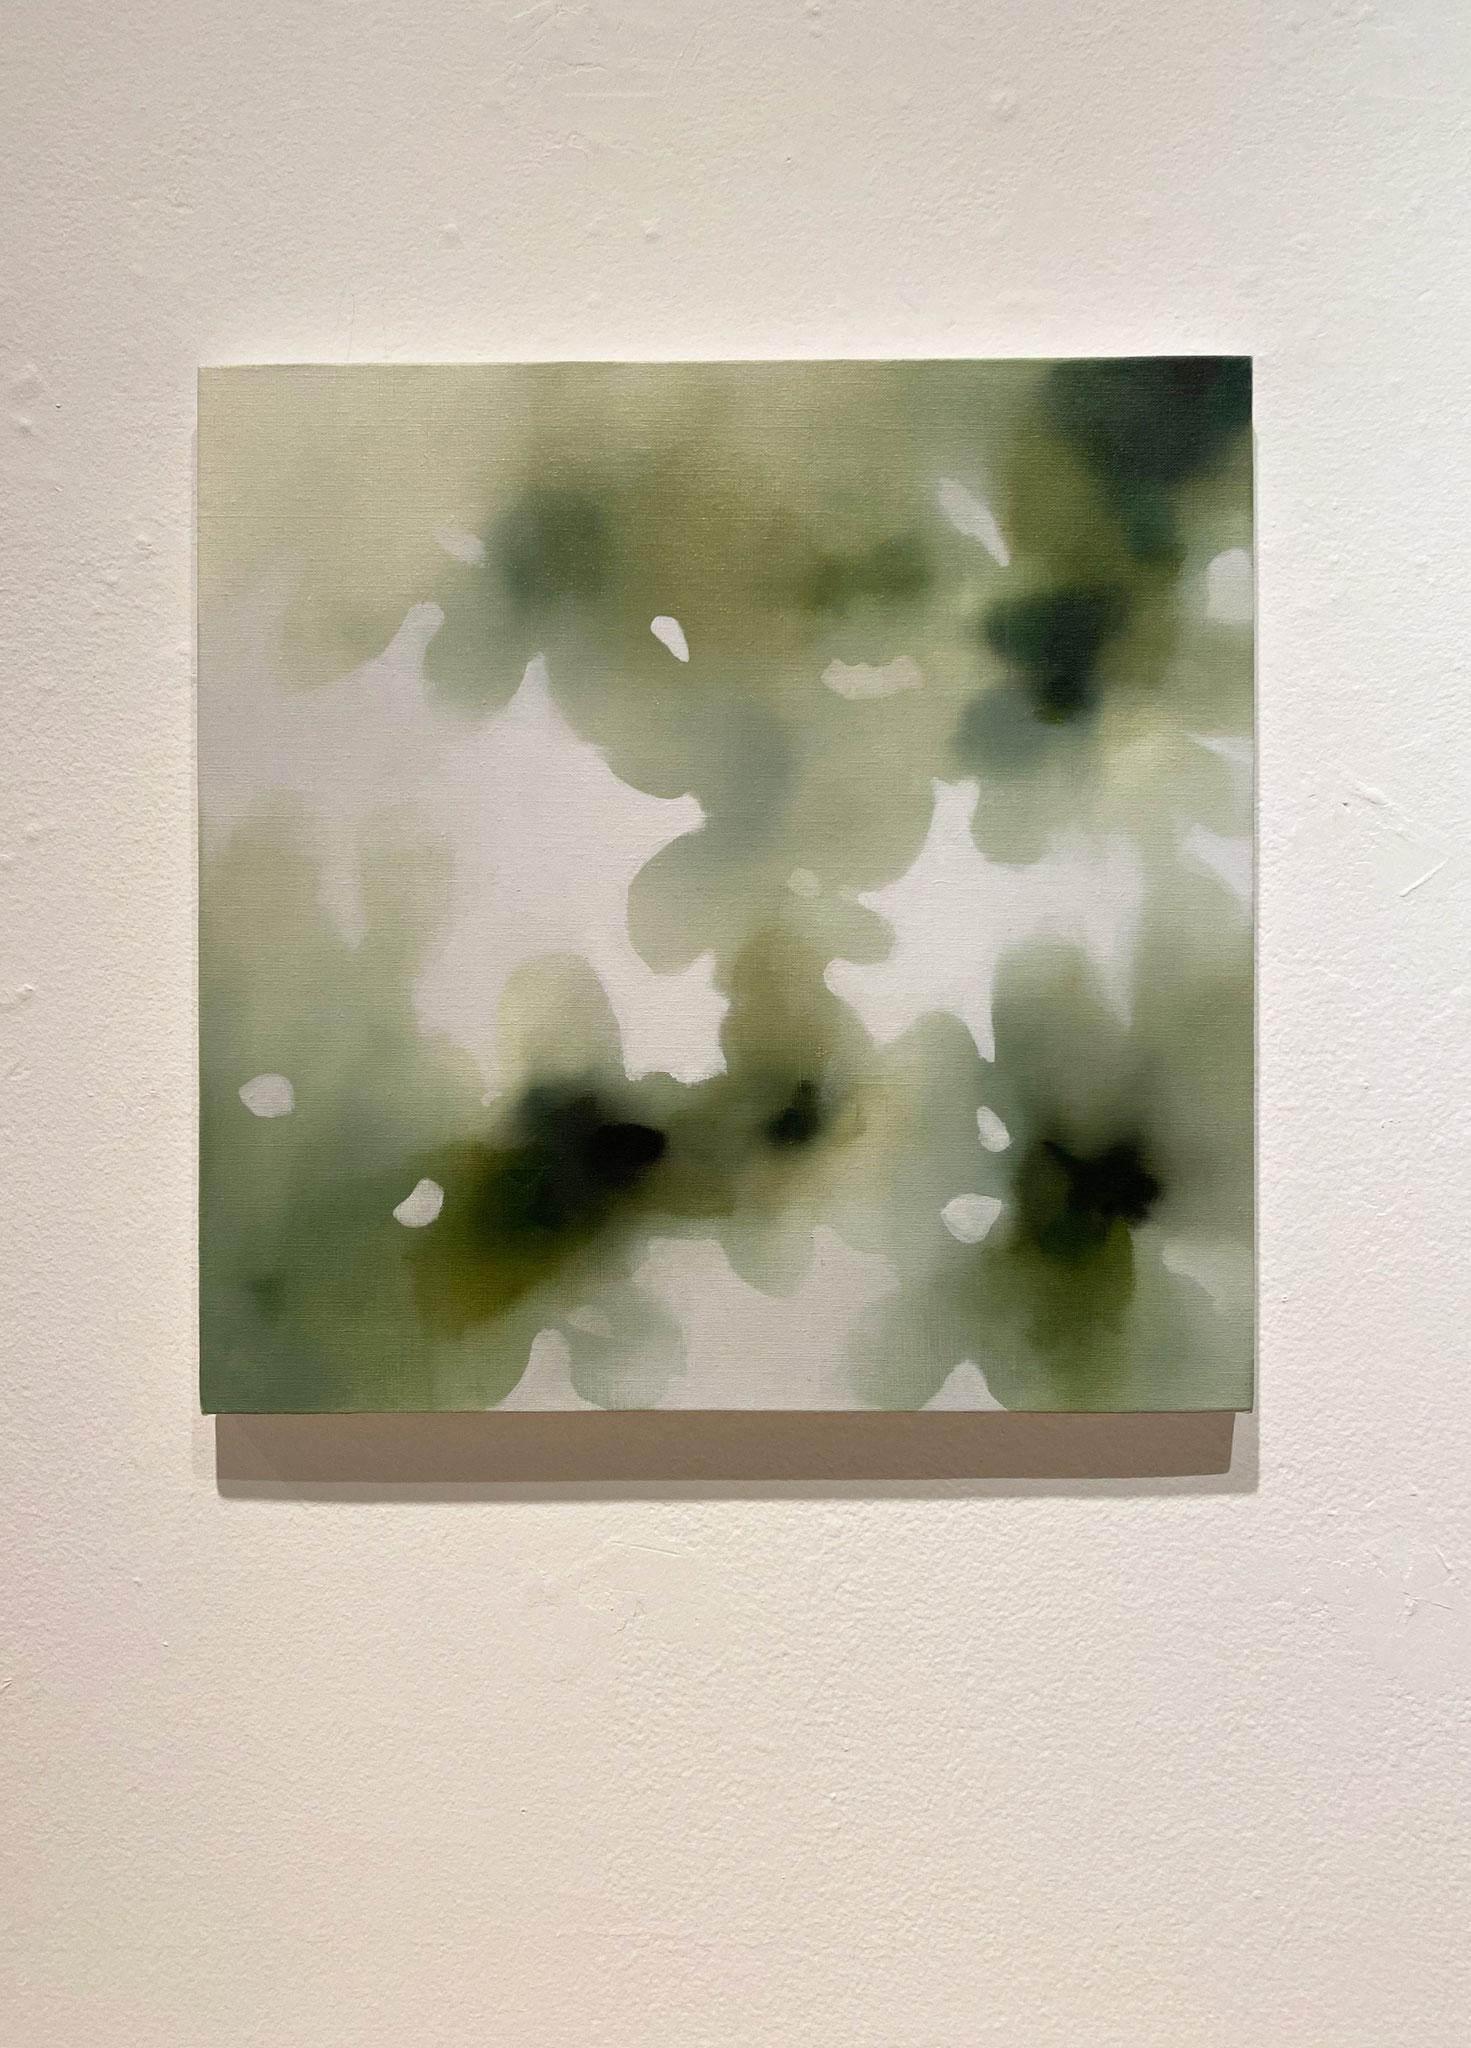 ひびにふれる410×410,キャンバス、油彩,2020